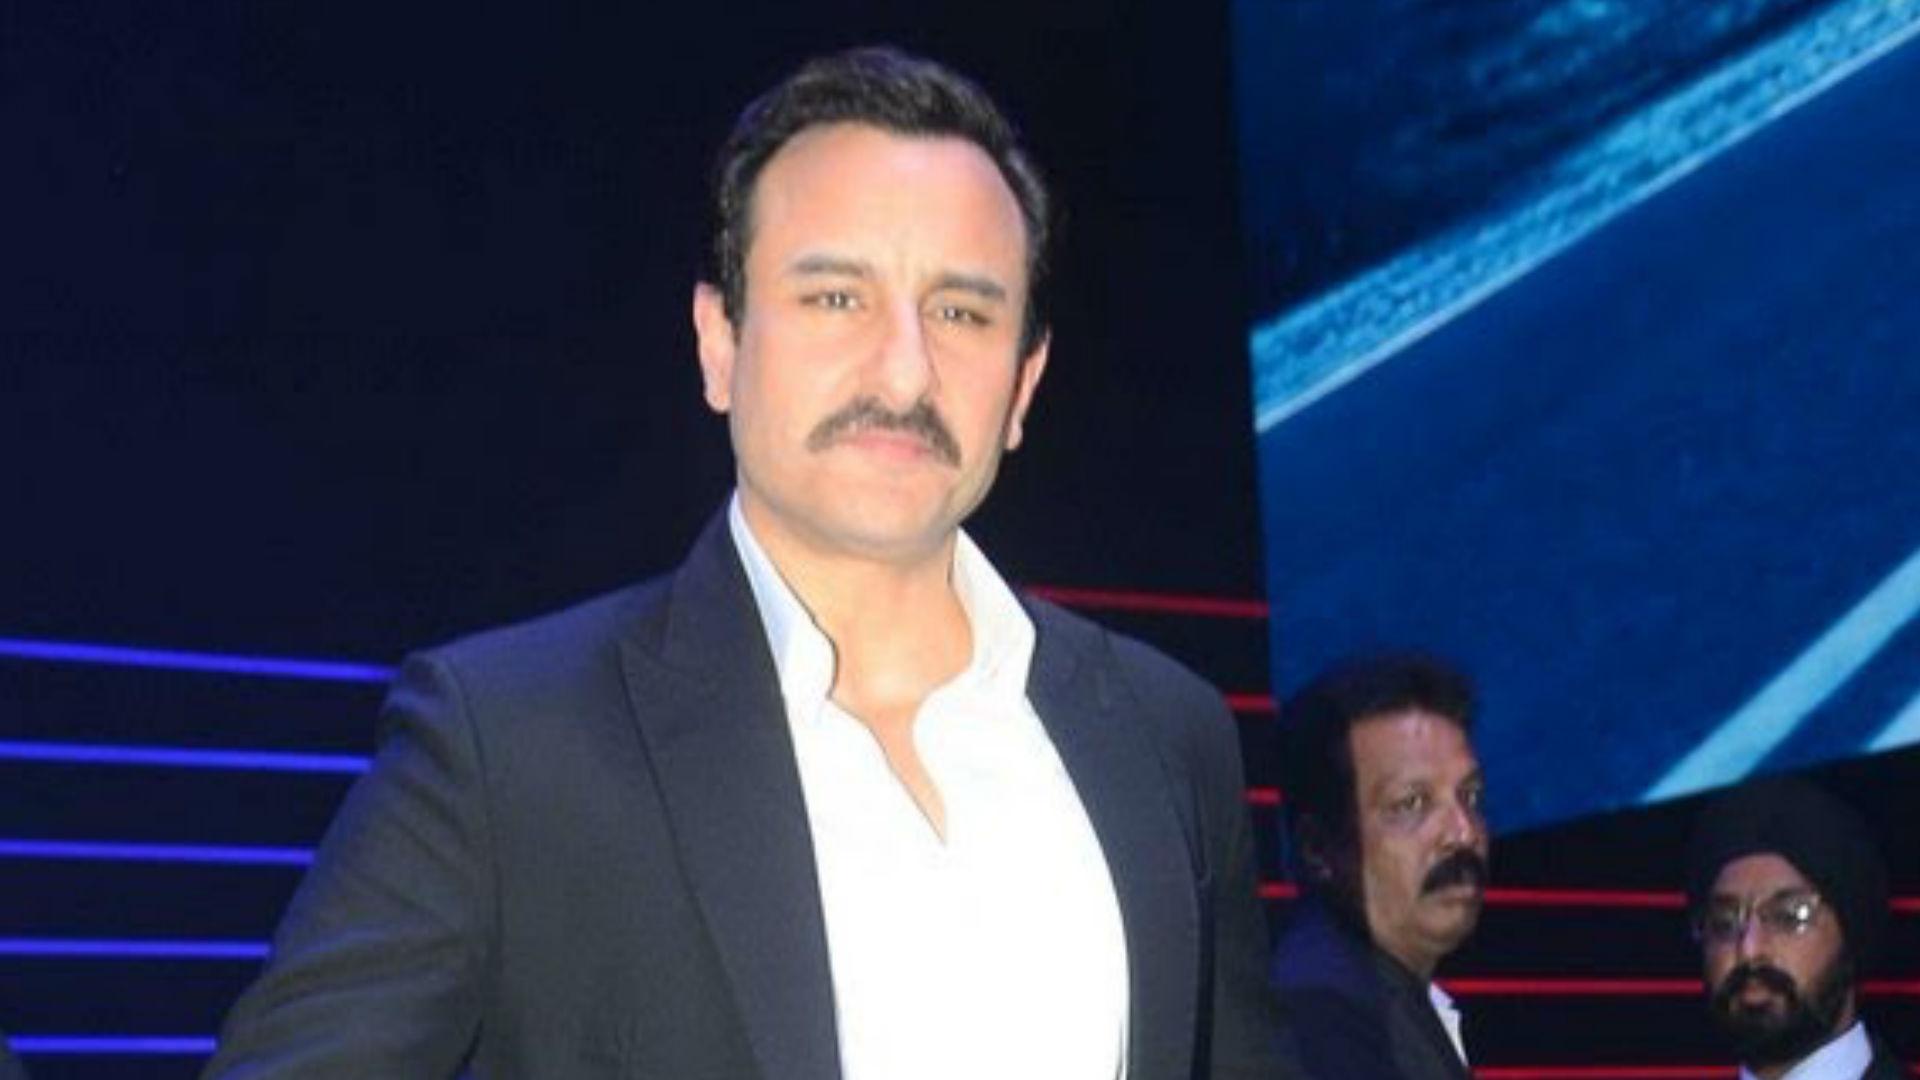 सैफ अली खान क्या बनेंगे डायरेक्टर श्री राम राघवन की आने वाली थ्रिलर फिल्म का हिस्सा, जानिए पूरी सच्चाई